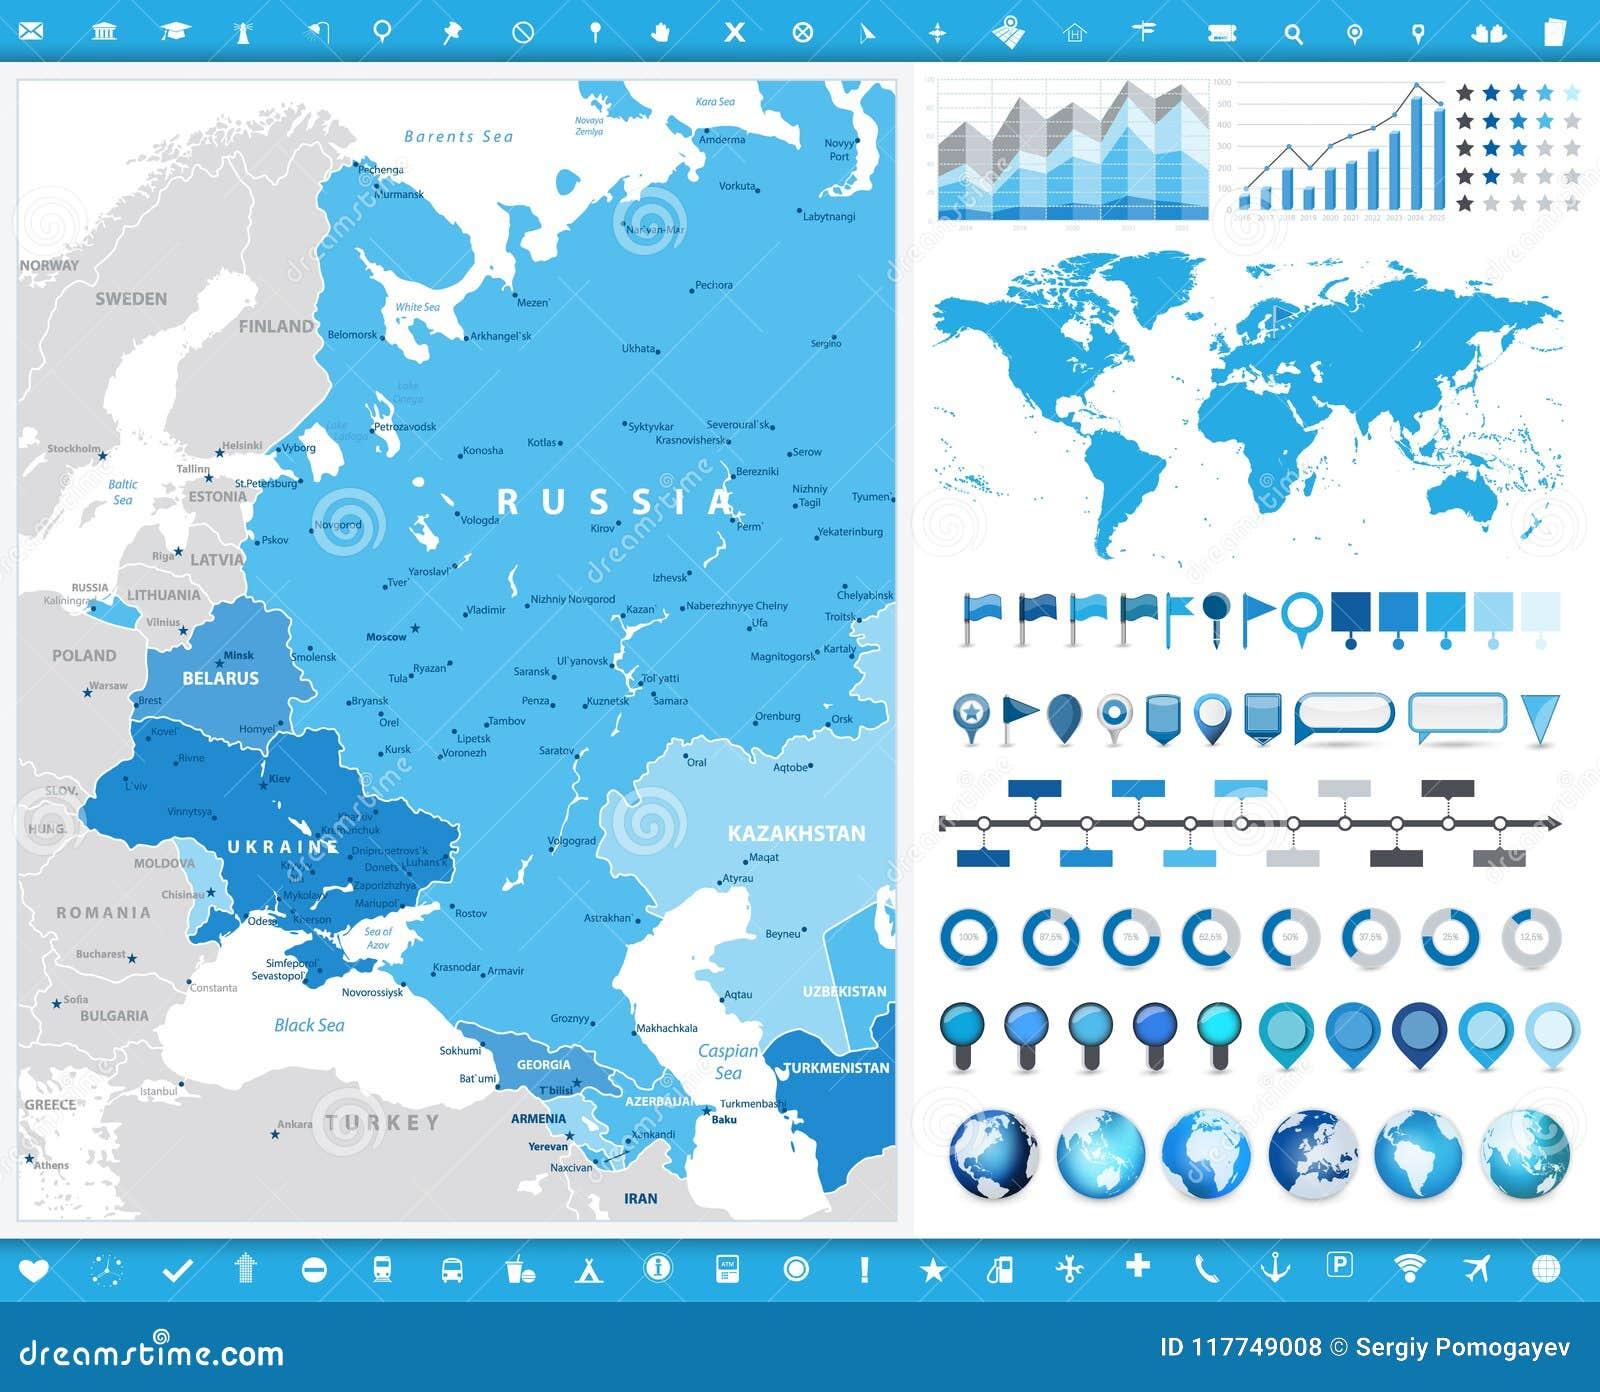 Xarths Ths Anatolikhs Eyrwphs Kai Infographic Stoixeia